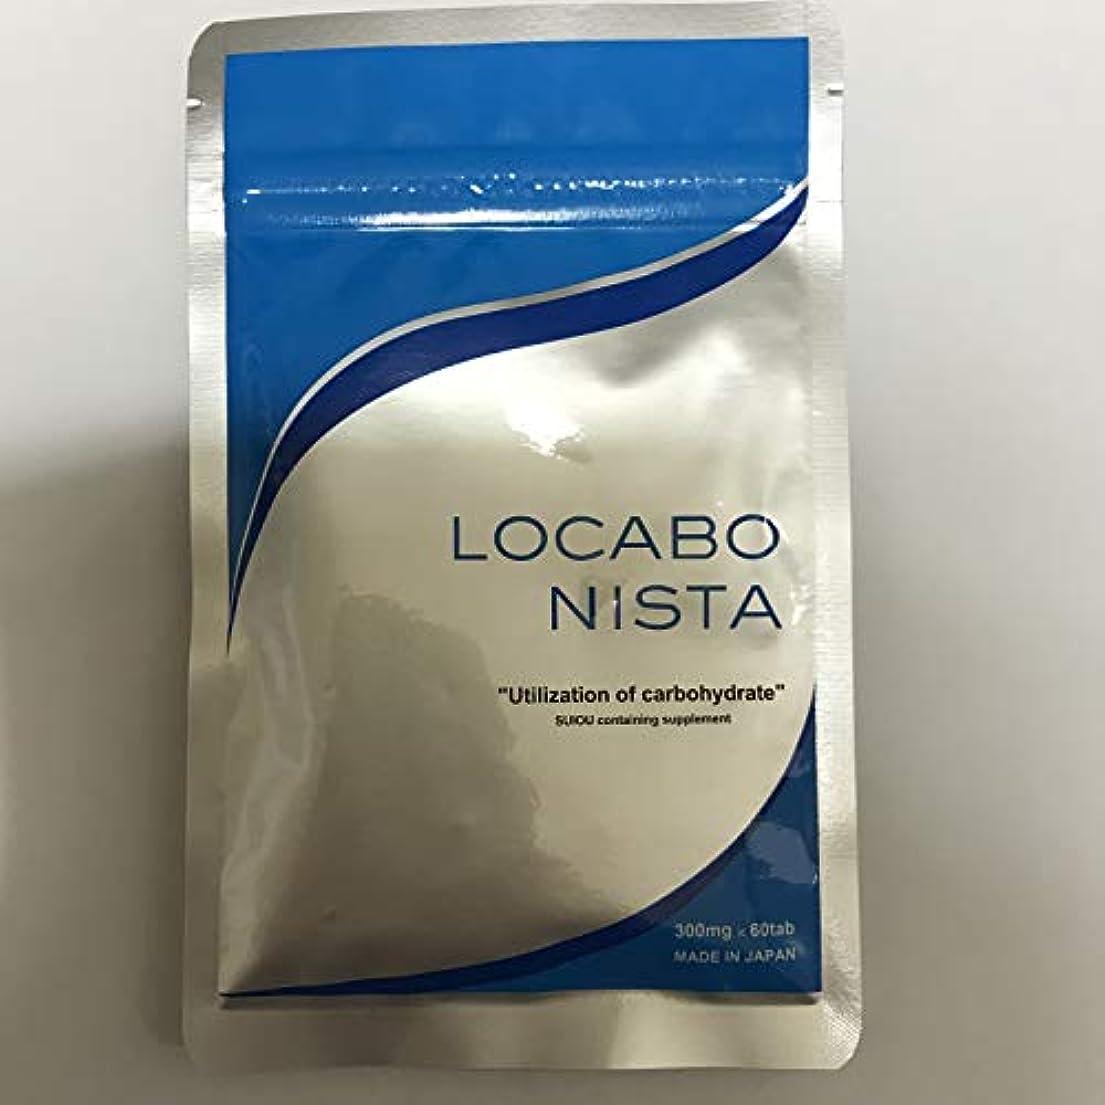 染色凍った決定LOCABONISTA ロカボニスタ 60粒